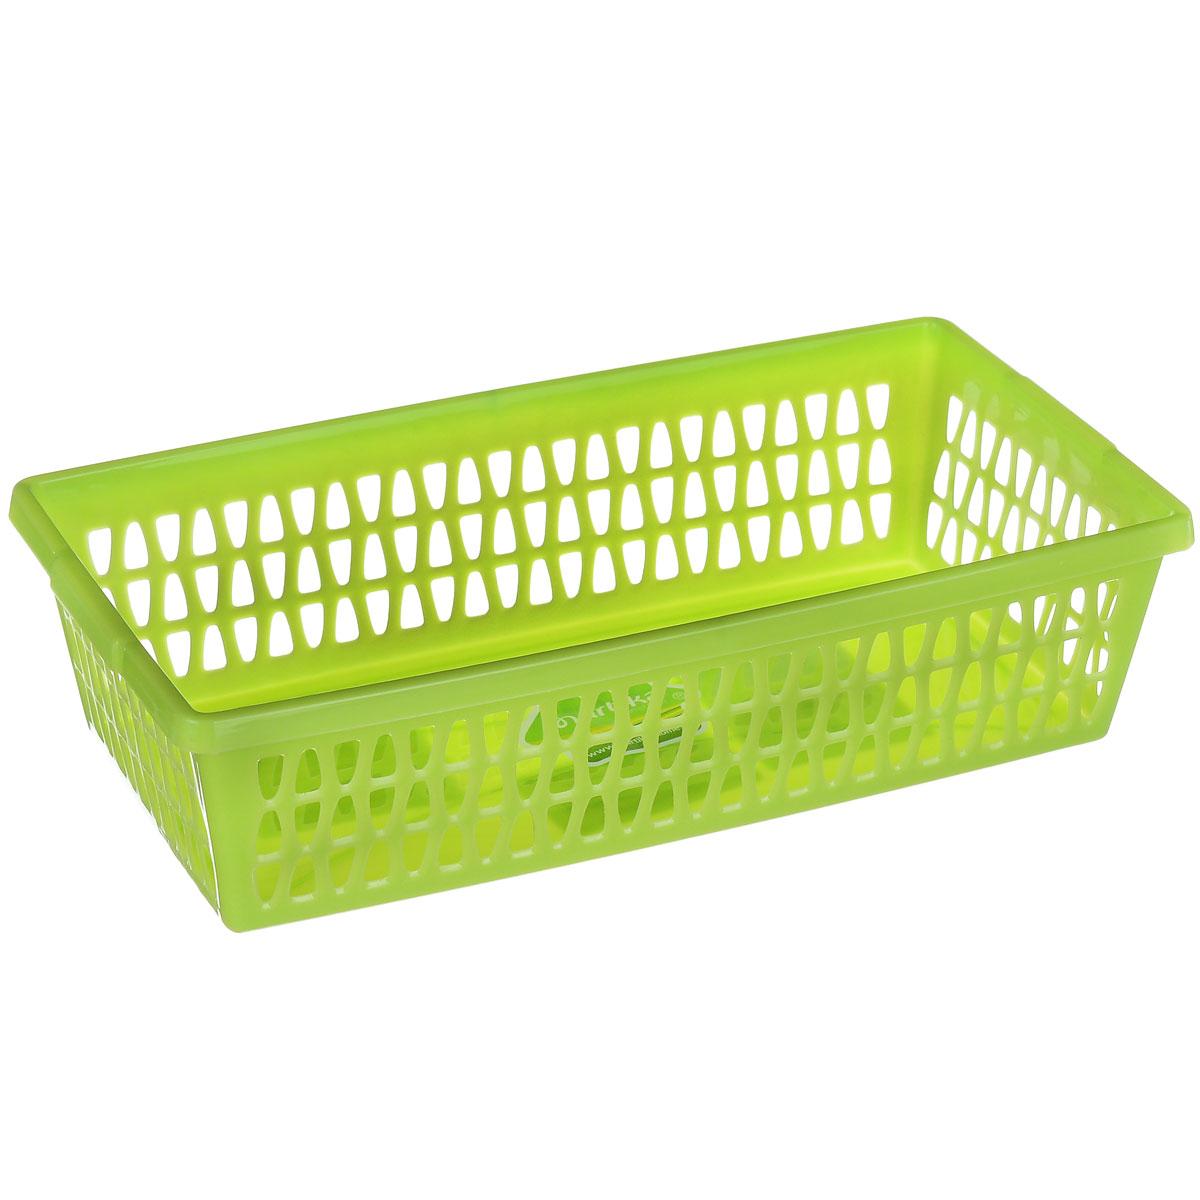 Корзина Martika Велетта, цвет: салатовый, 21 см х 11 см х 5 см корзина для хранения альтернатива вдохновение цвет салатовый 26 5 х 16 5 х 10 см